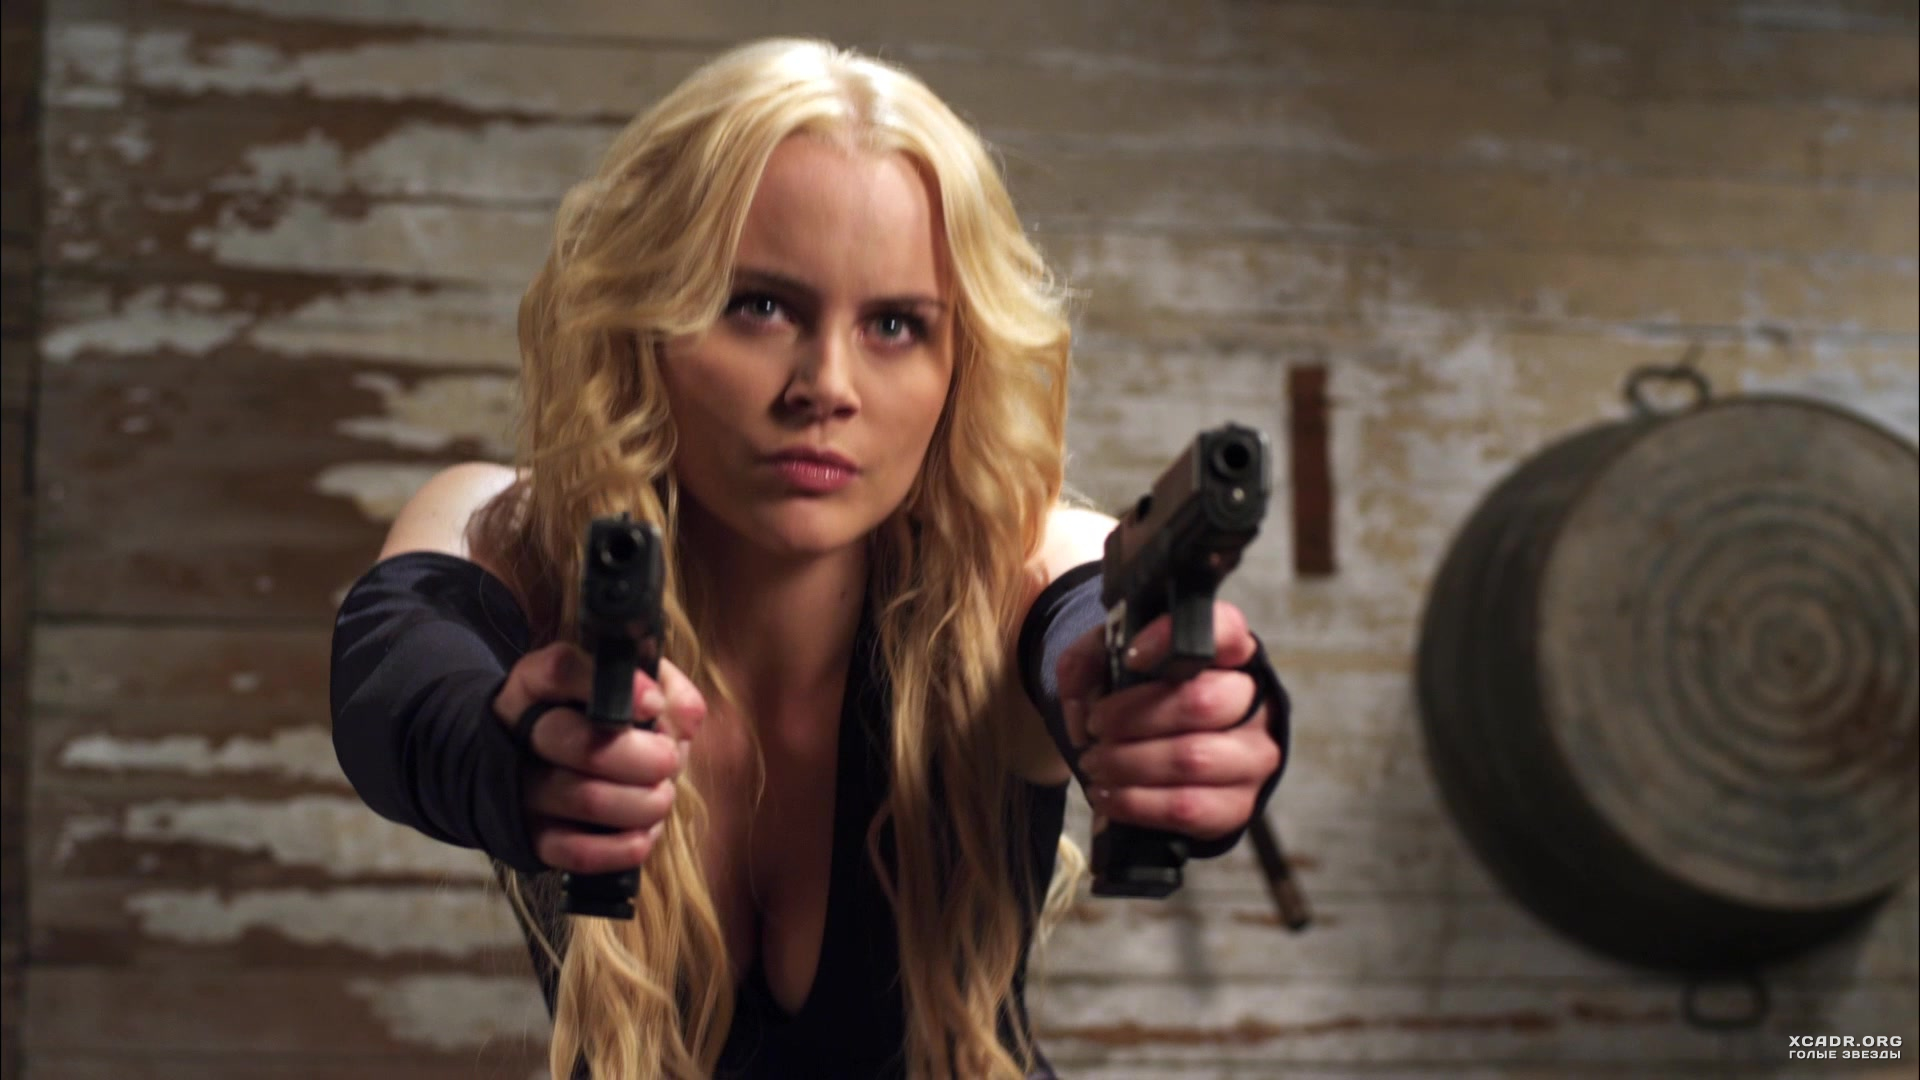 Соблазнительная и опасная Хелена Мэттссон – Пушки, телки и ... холли берри фильмы